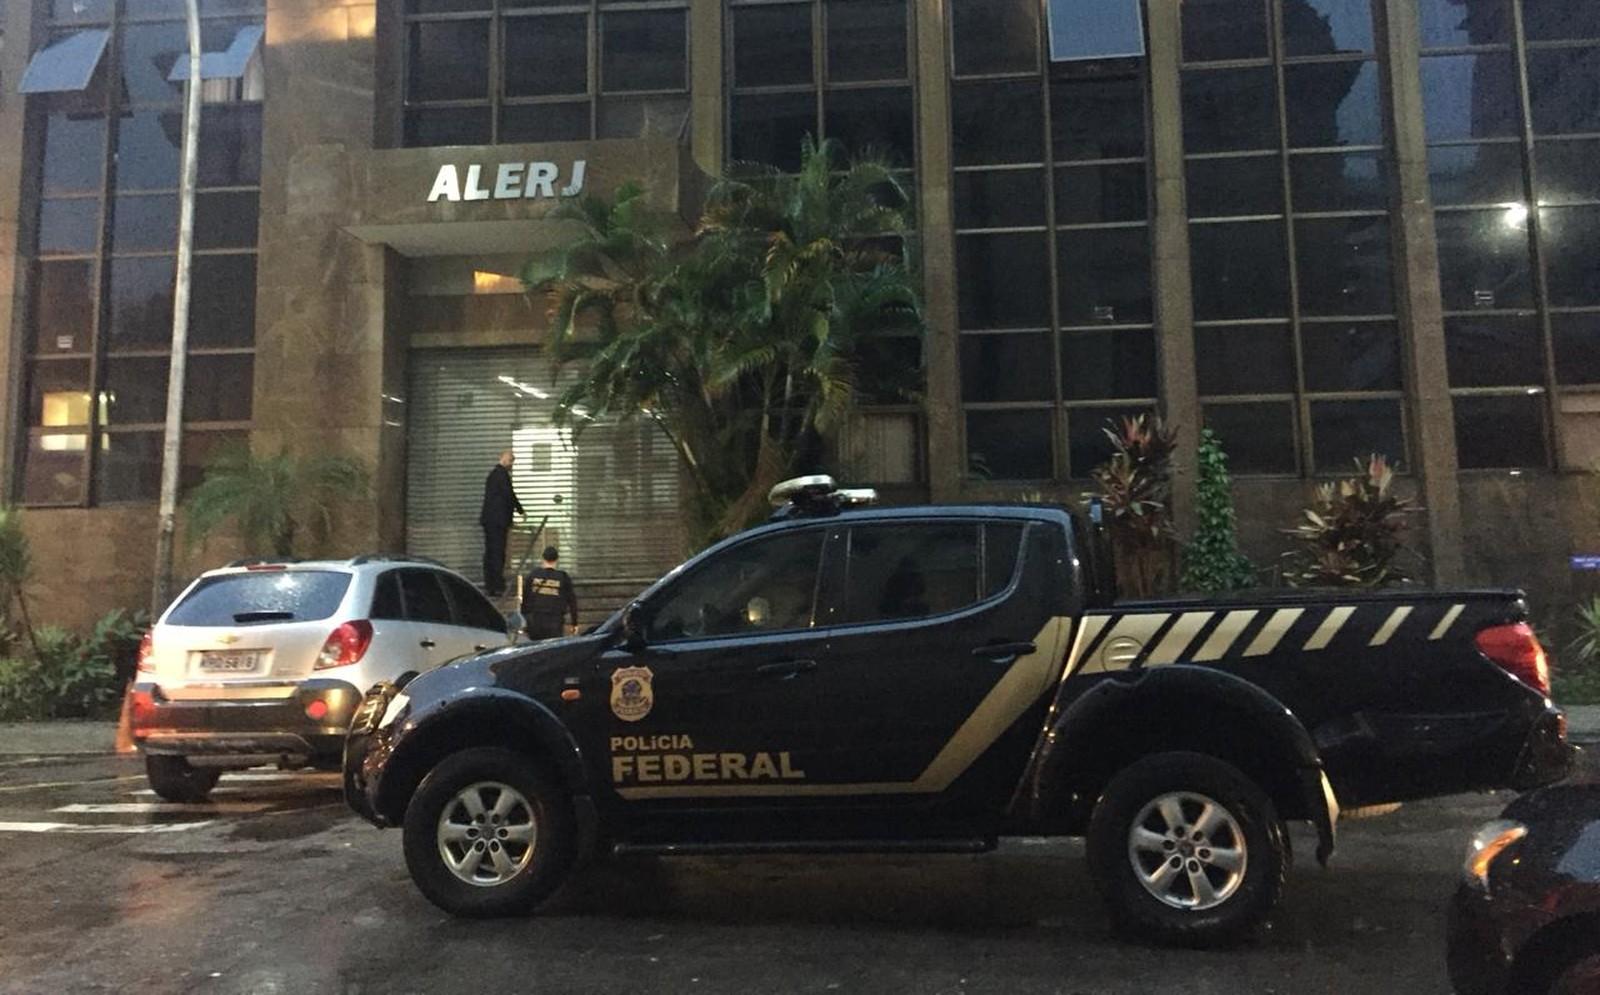 Procuradoria da Alerj tem 42 funcionários fantasmas comissionados